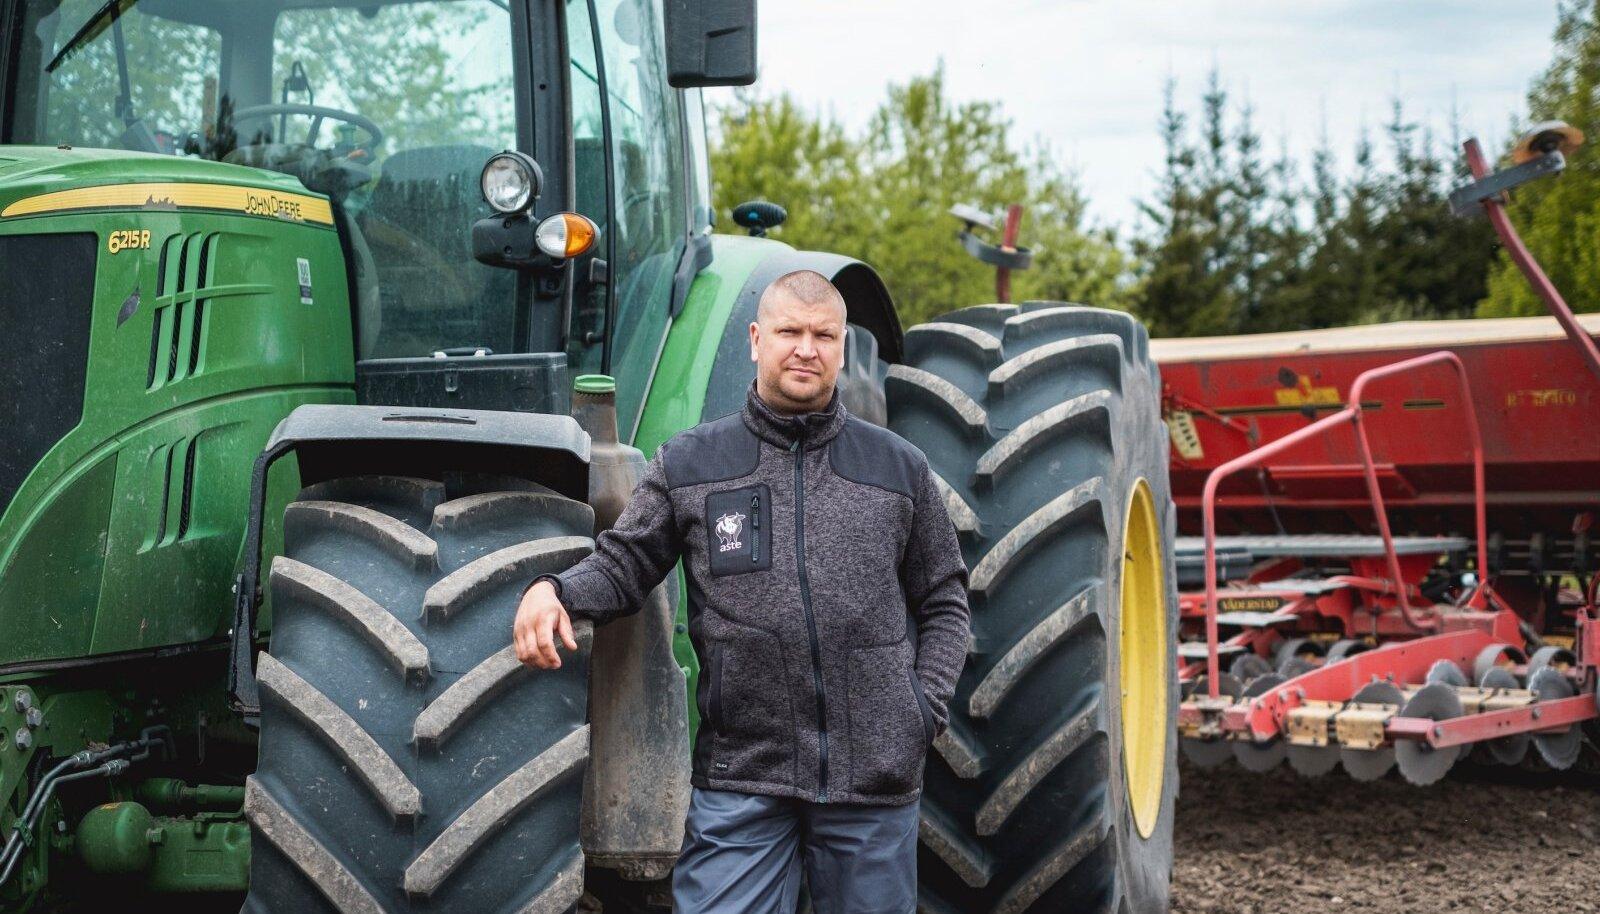 Kolme lapse isa, asendustaluniku tööd tegeva Kalmer Galka jaoks on Eestis töötamise suur eelis see, et saab paari tunniga oma pere juurde koju sõita.